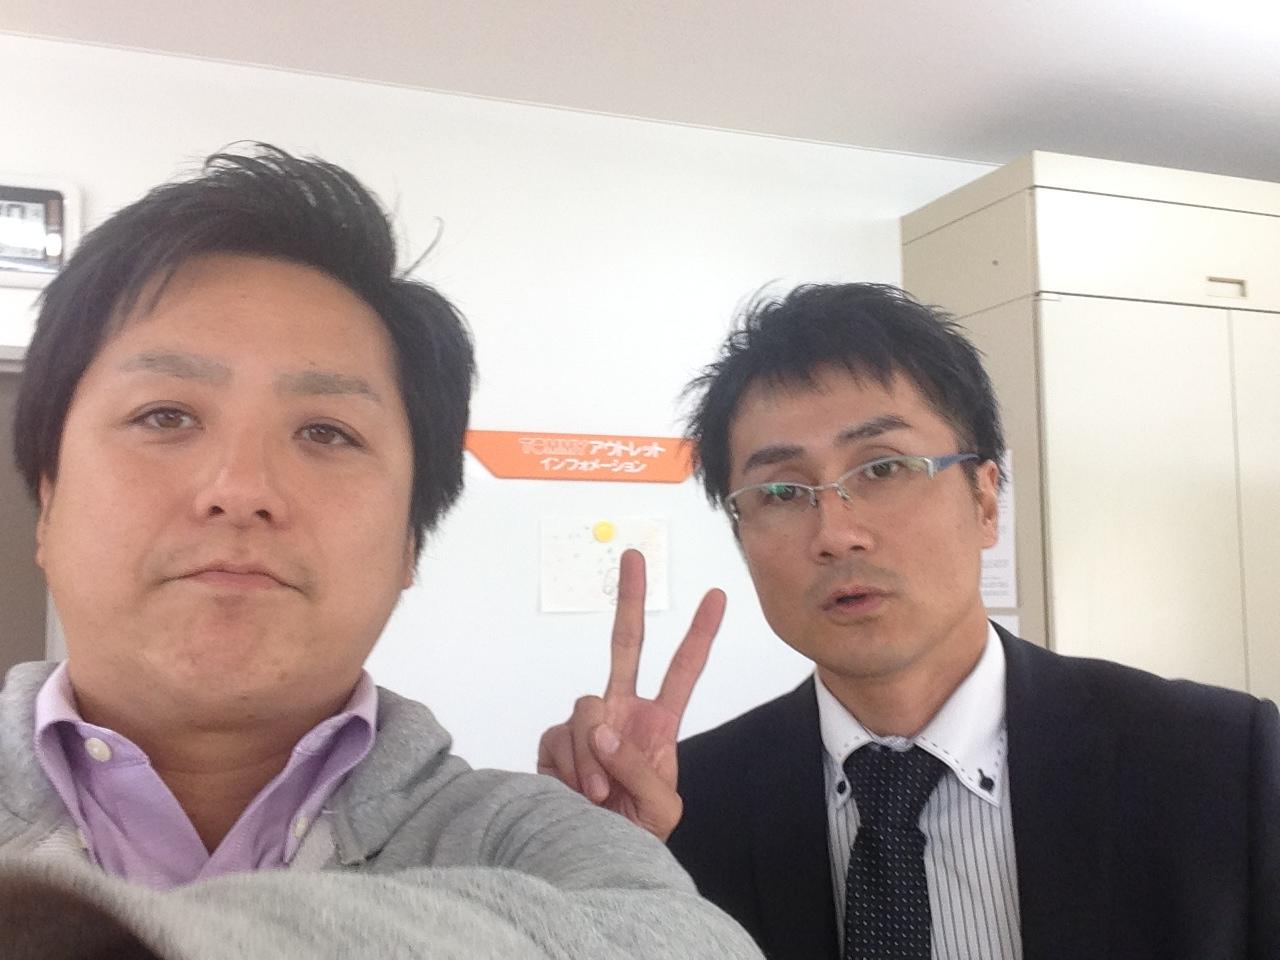 ヴォクシー・ノア・軽自動車・100万以下専門店・クマブロ_b0127002_1832625.jpg